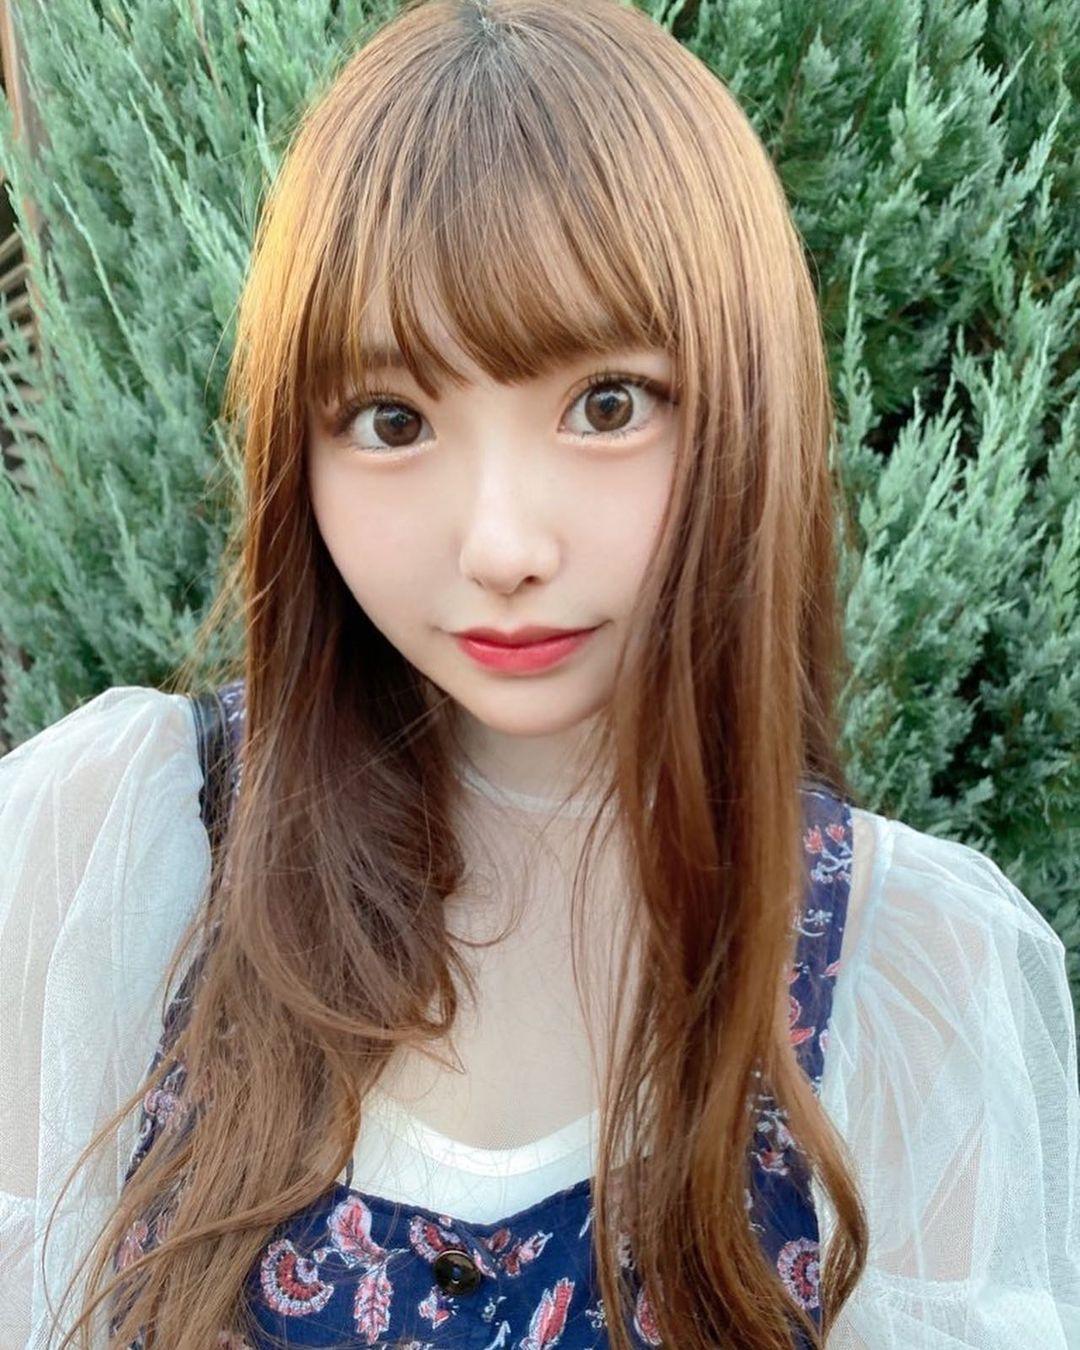 2000年出生 20岁甜美樱花妹五城せのん个子娇小却有曲线 美女动图 第11张